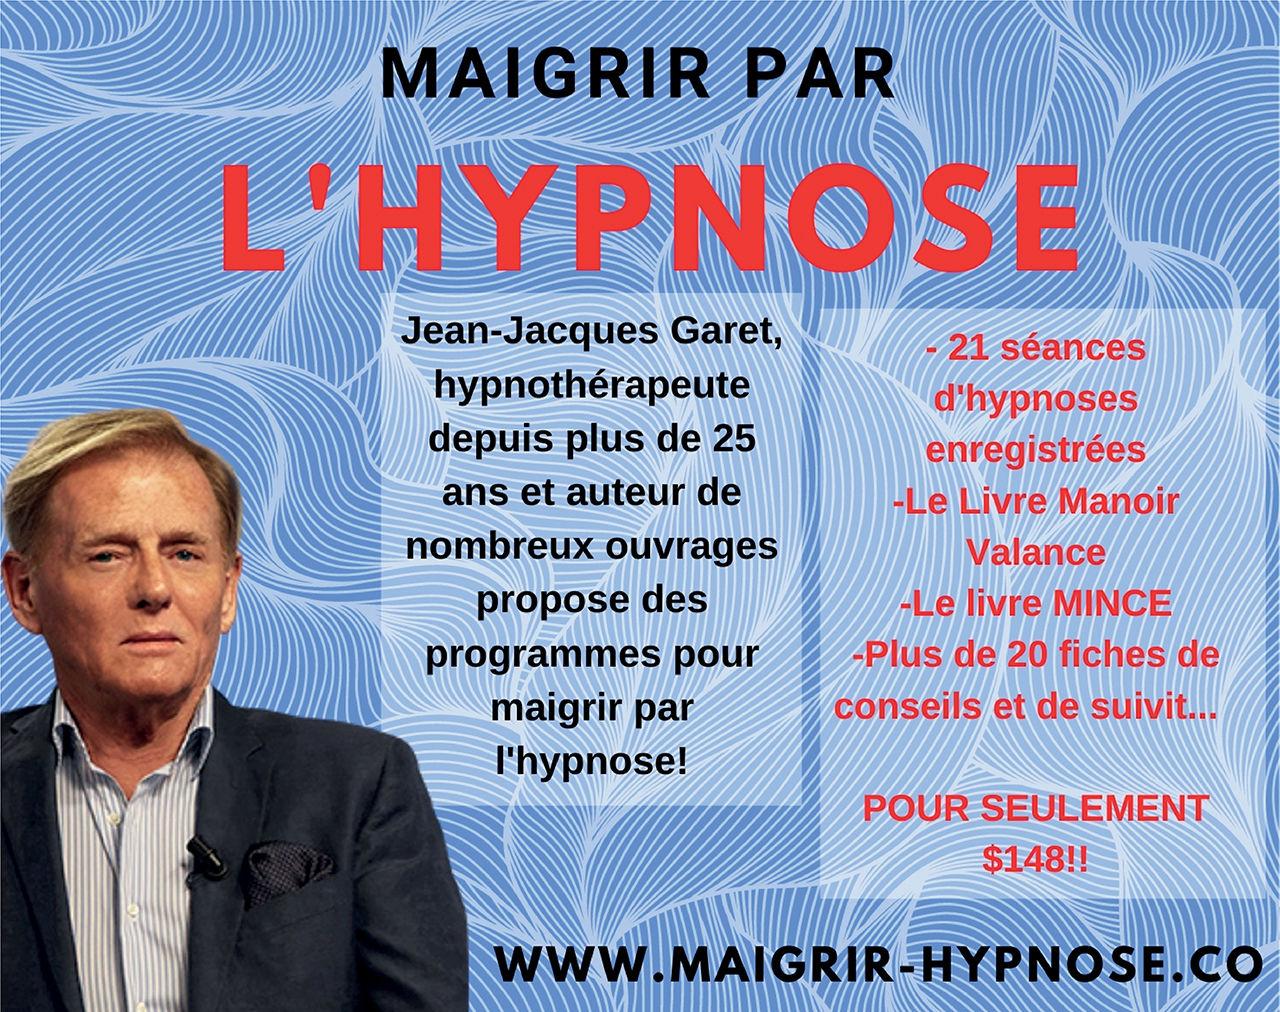 Maigrir par l'hypnose, Jean-Jacques Garet